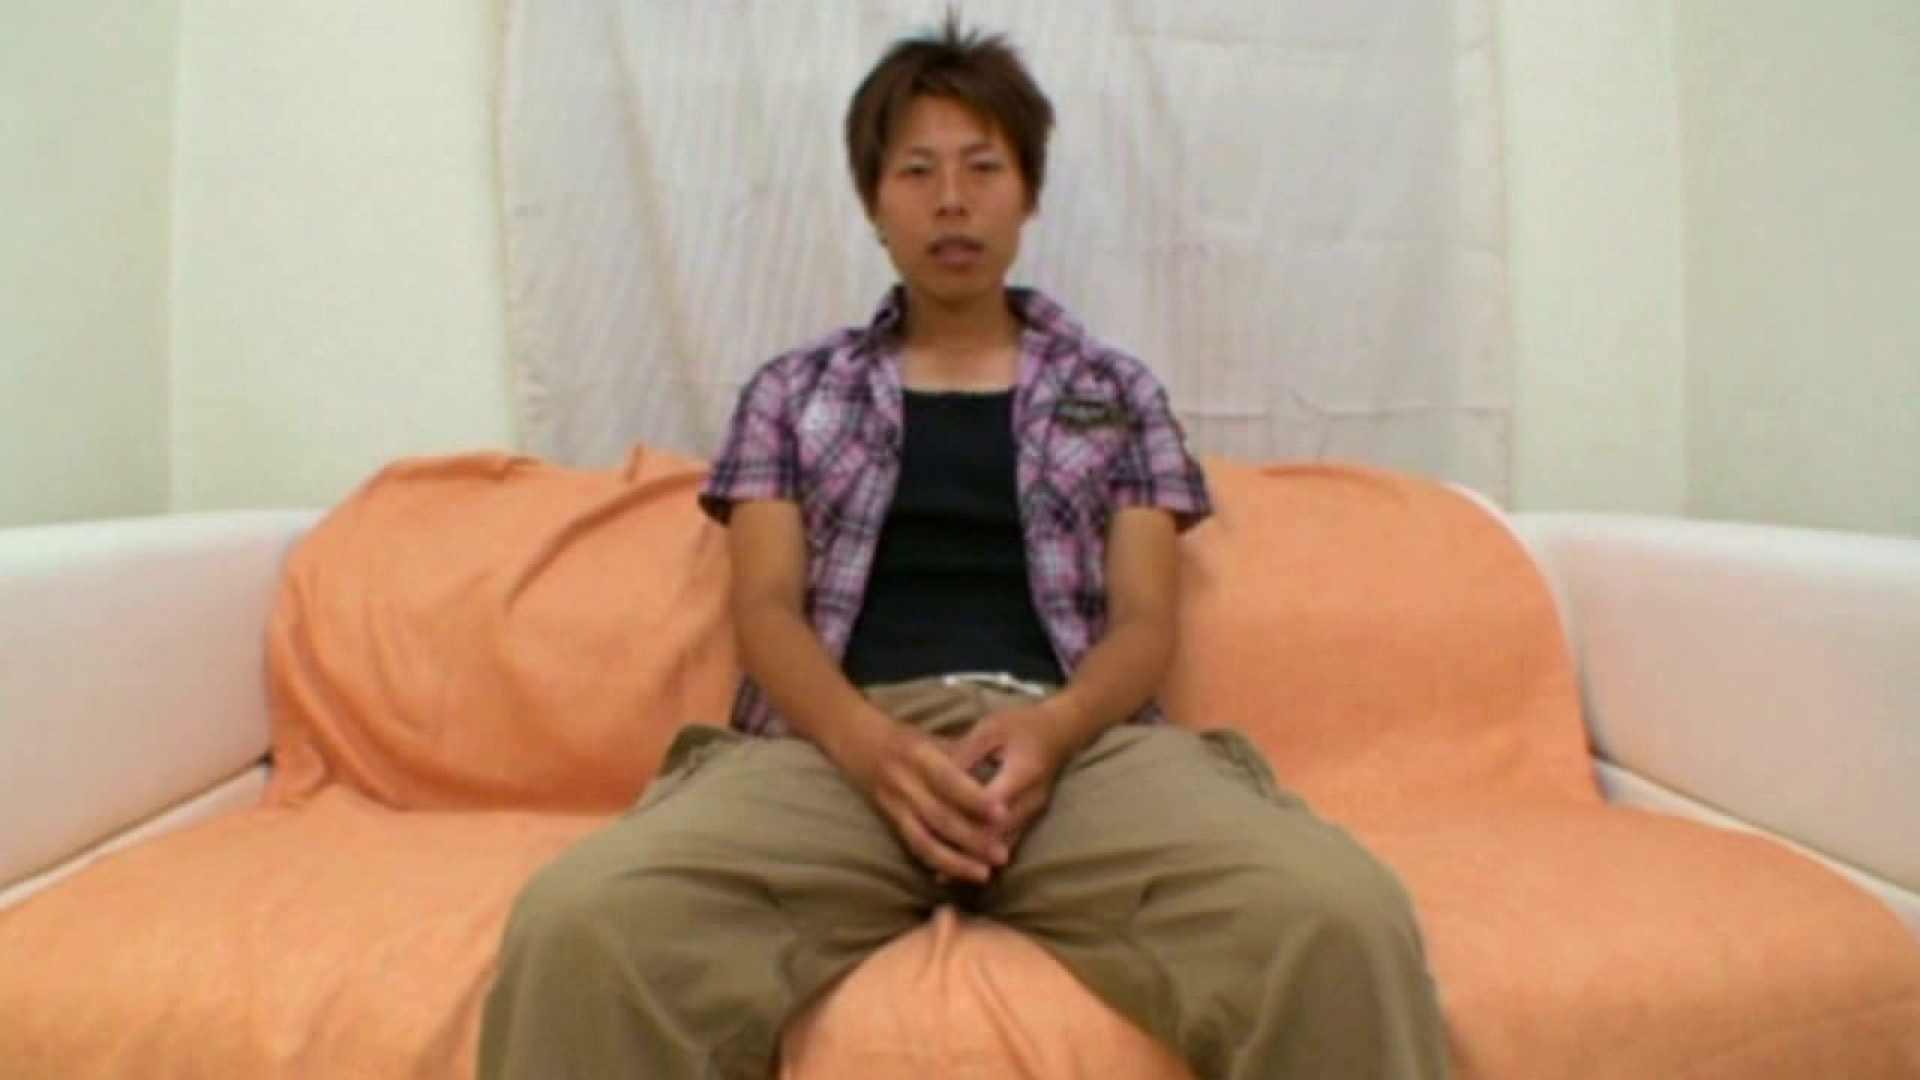 ノンケ!自慰スタジオ No.10 オナニー アダルトビデオ画像キャプチャ 113枚 43